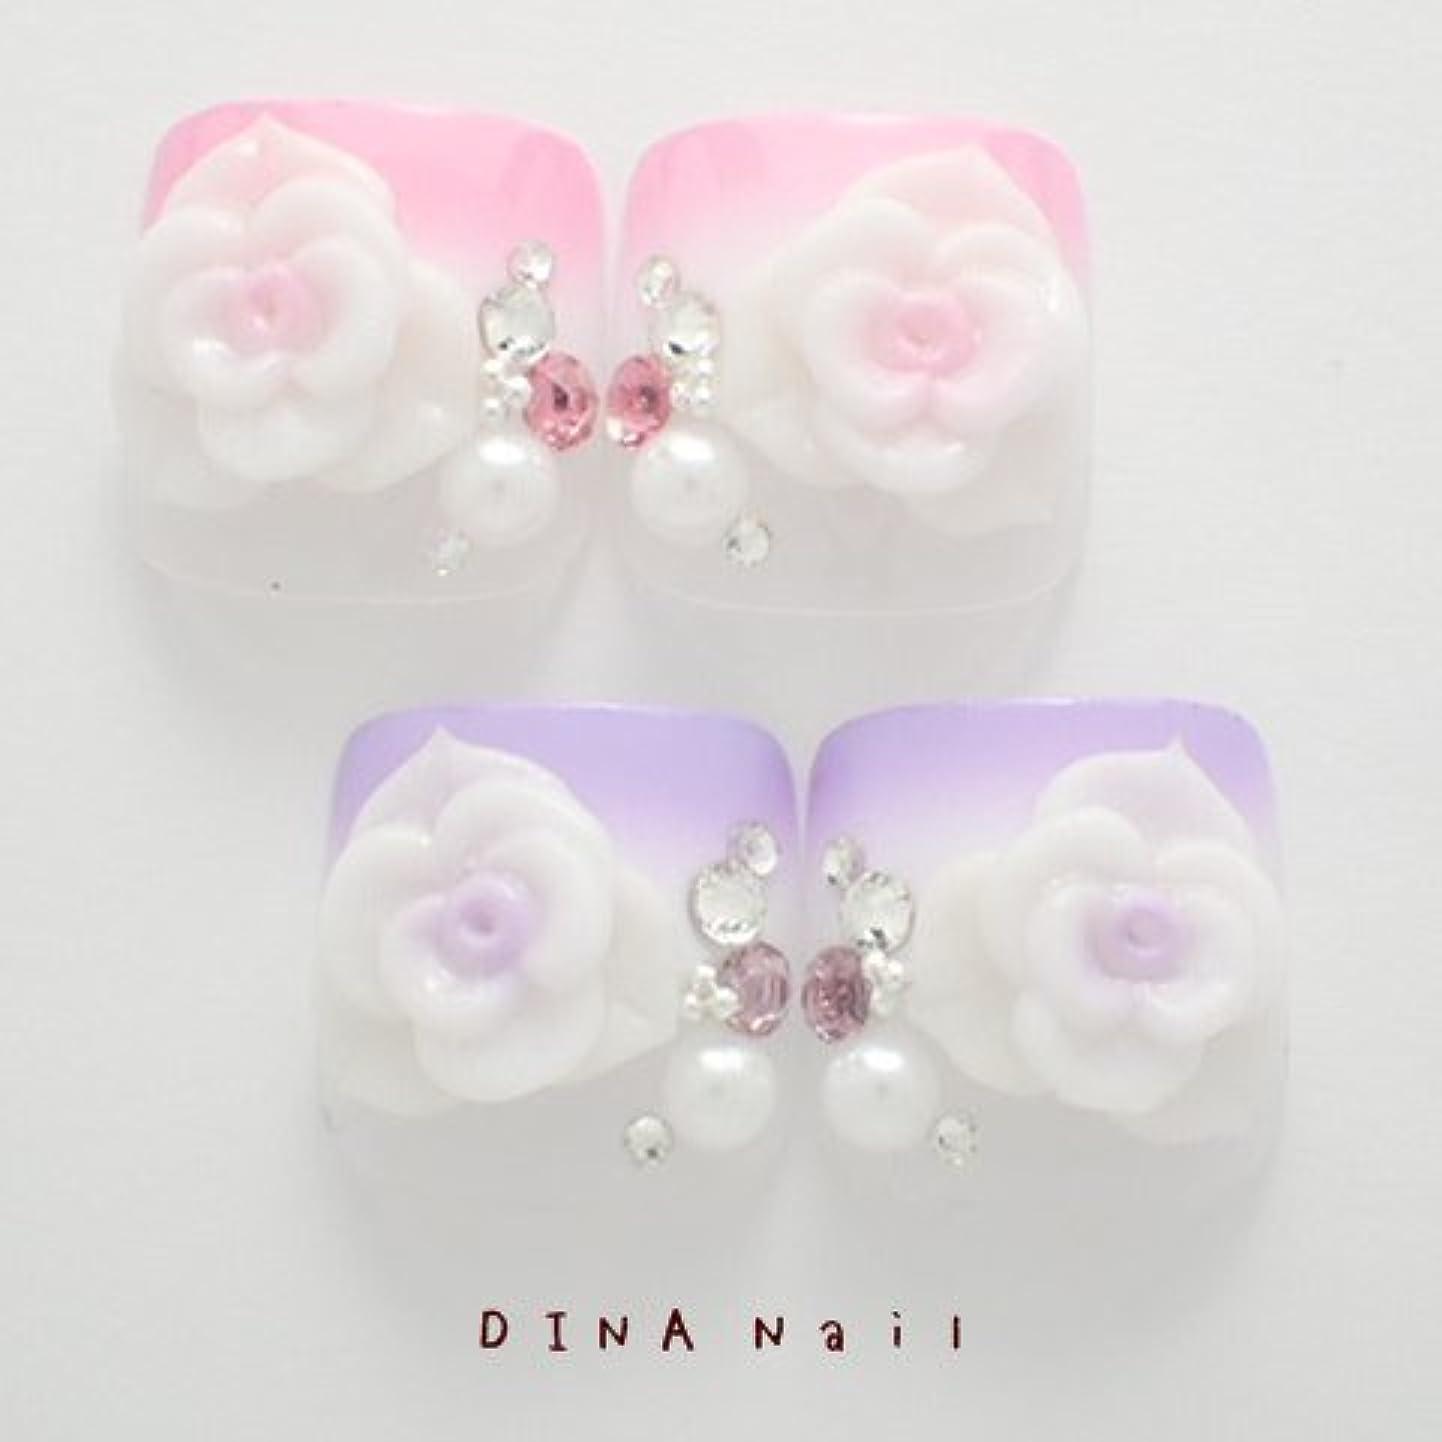 DINAネイル 二段グラデ薔薇 ぺディキュアS(25678番) ネイルチップ ピンク